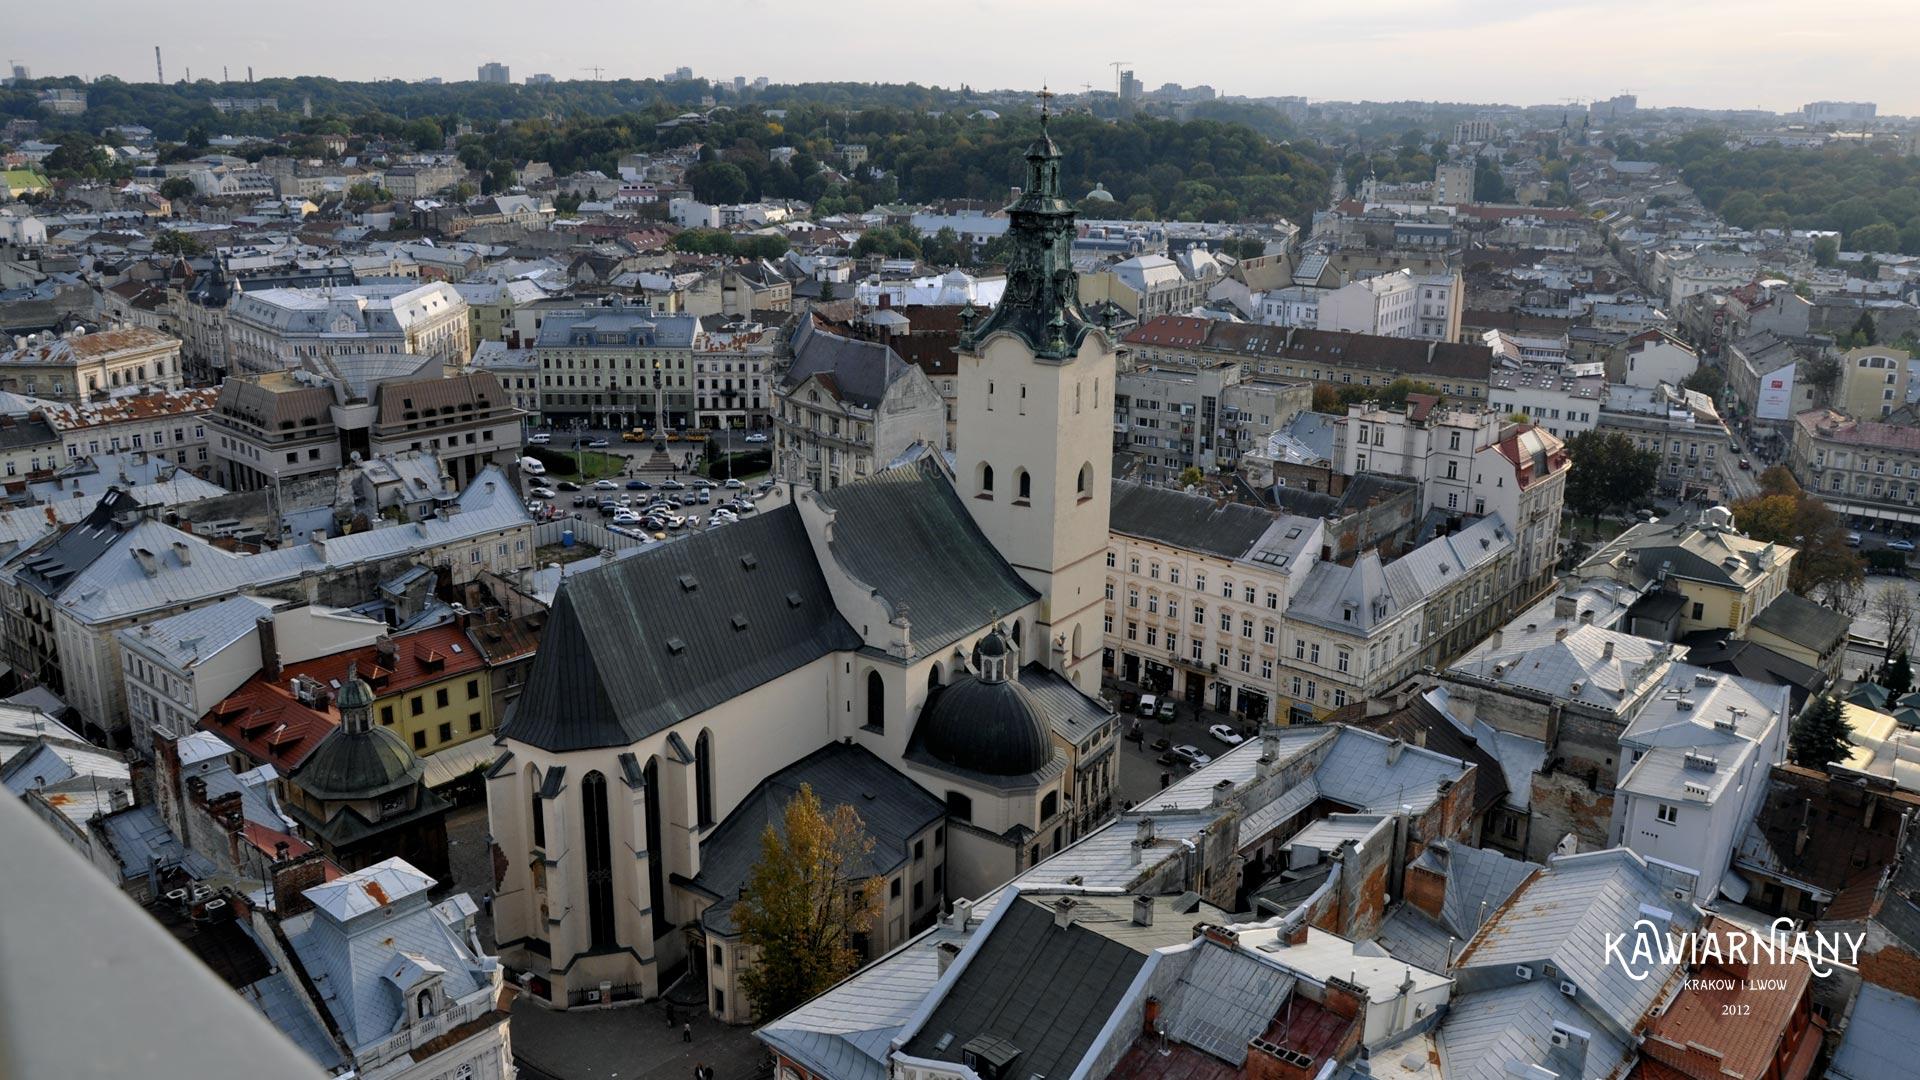 Ukraina zamyka przejścia graniczne. Jak dojechać i wrócić ze Lwowa?